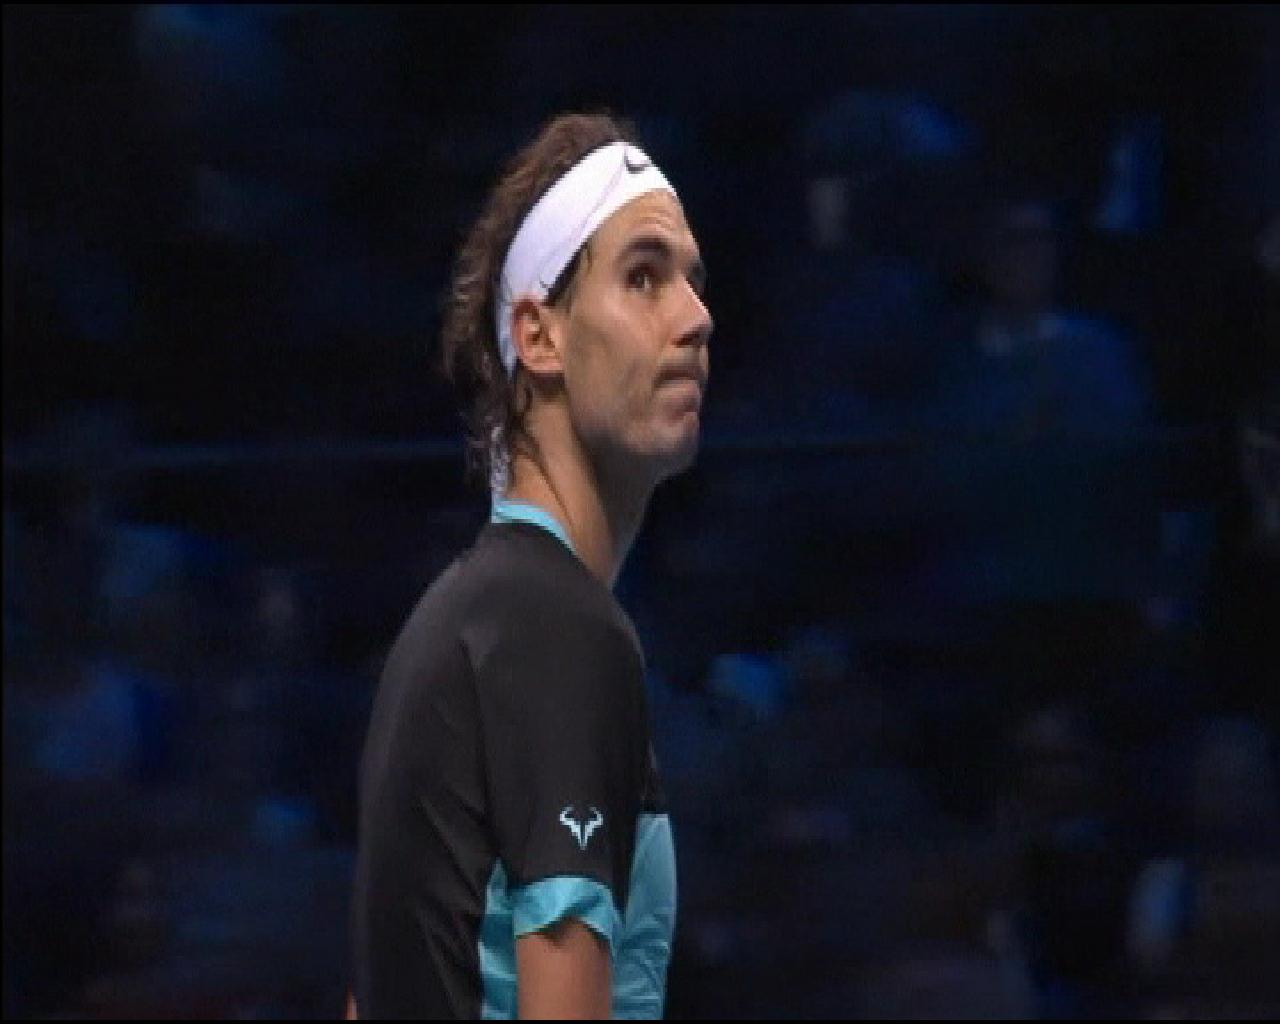 Rafel+Nadal+queda+sense+medalla+a+individuals